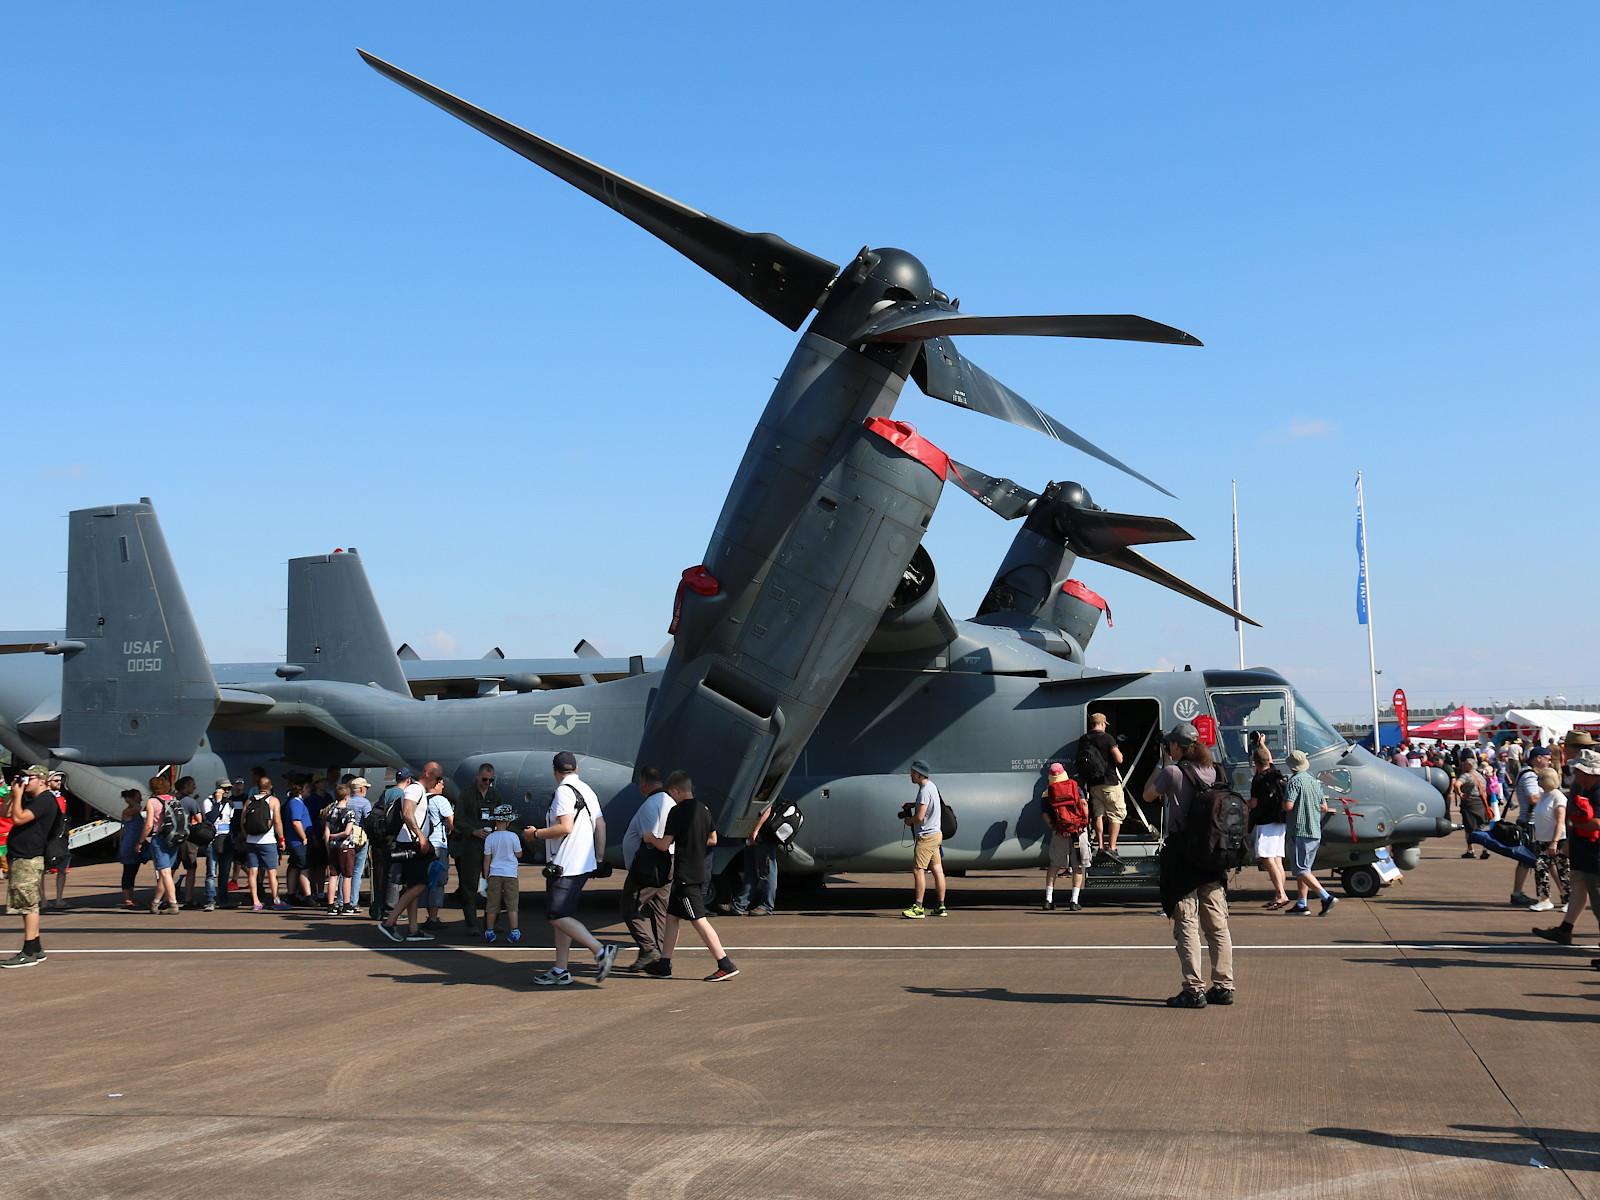 USAF Bell-Boeing CV-22B Osprey 08-0050. Leider aufgrund eines Defekts nur am Boden zu sehen © Doppeladler.com